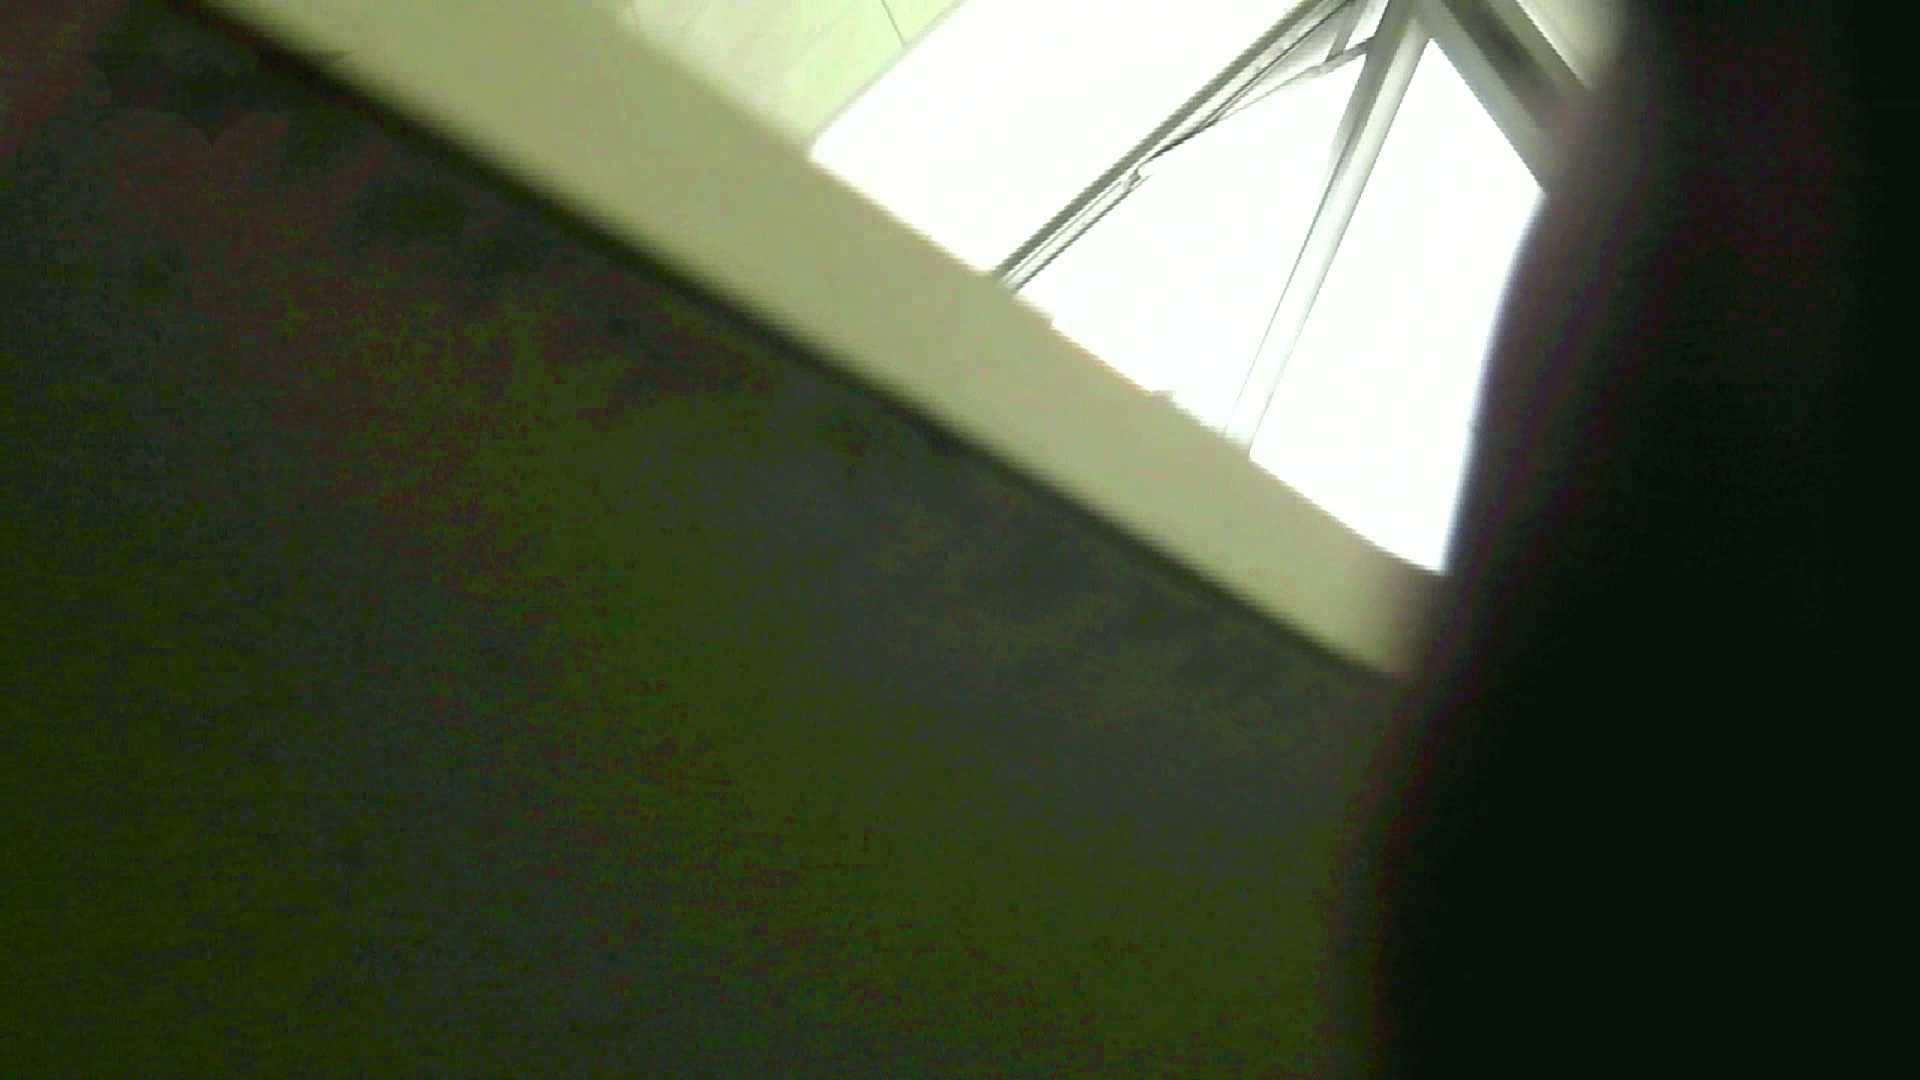 ステーション編 vol.29 頭二つ飛び出る180cm長身モデル お姉さん攻略  67画像 55